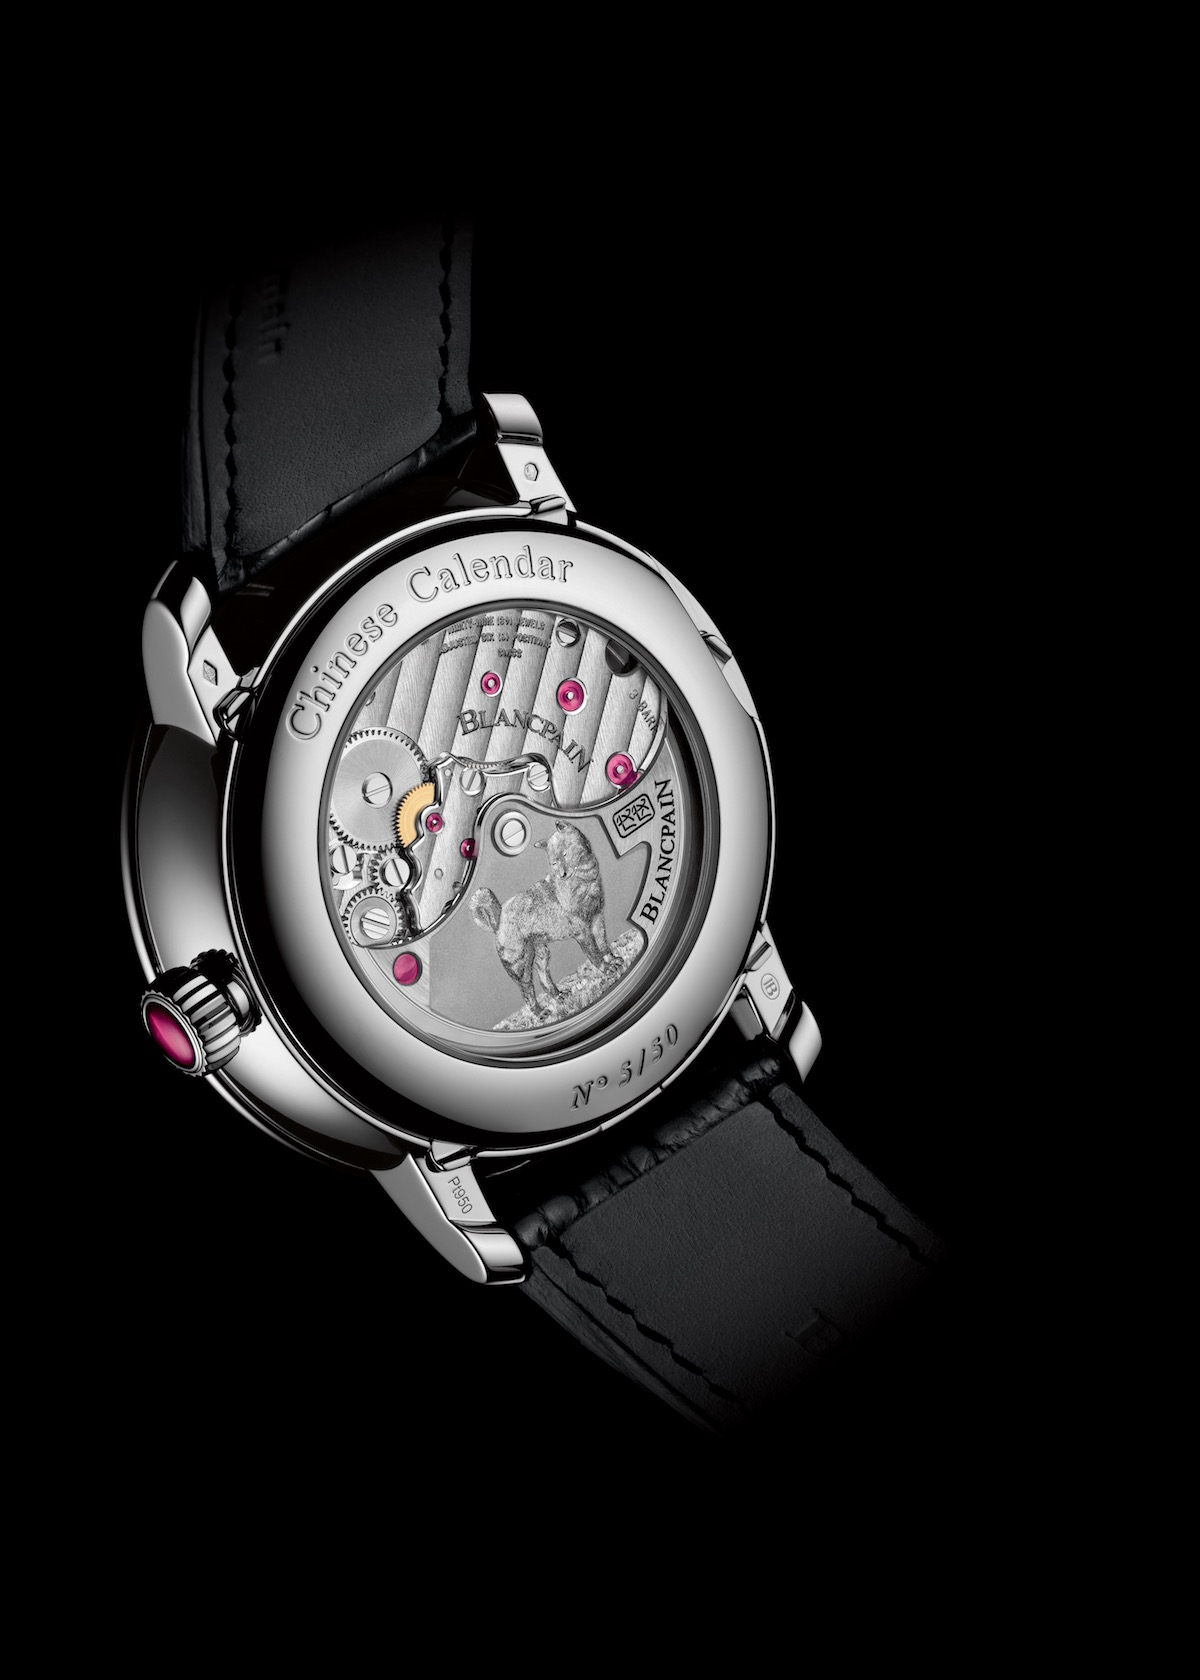 blancpain schweizer luxusuhren schweiz modelle neuheiten herrenuhren uhren herren limitiert limitierte armbanduhren rotgold platin weißgold versionen